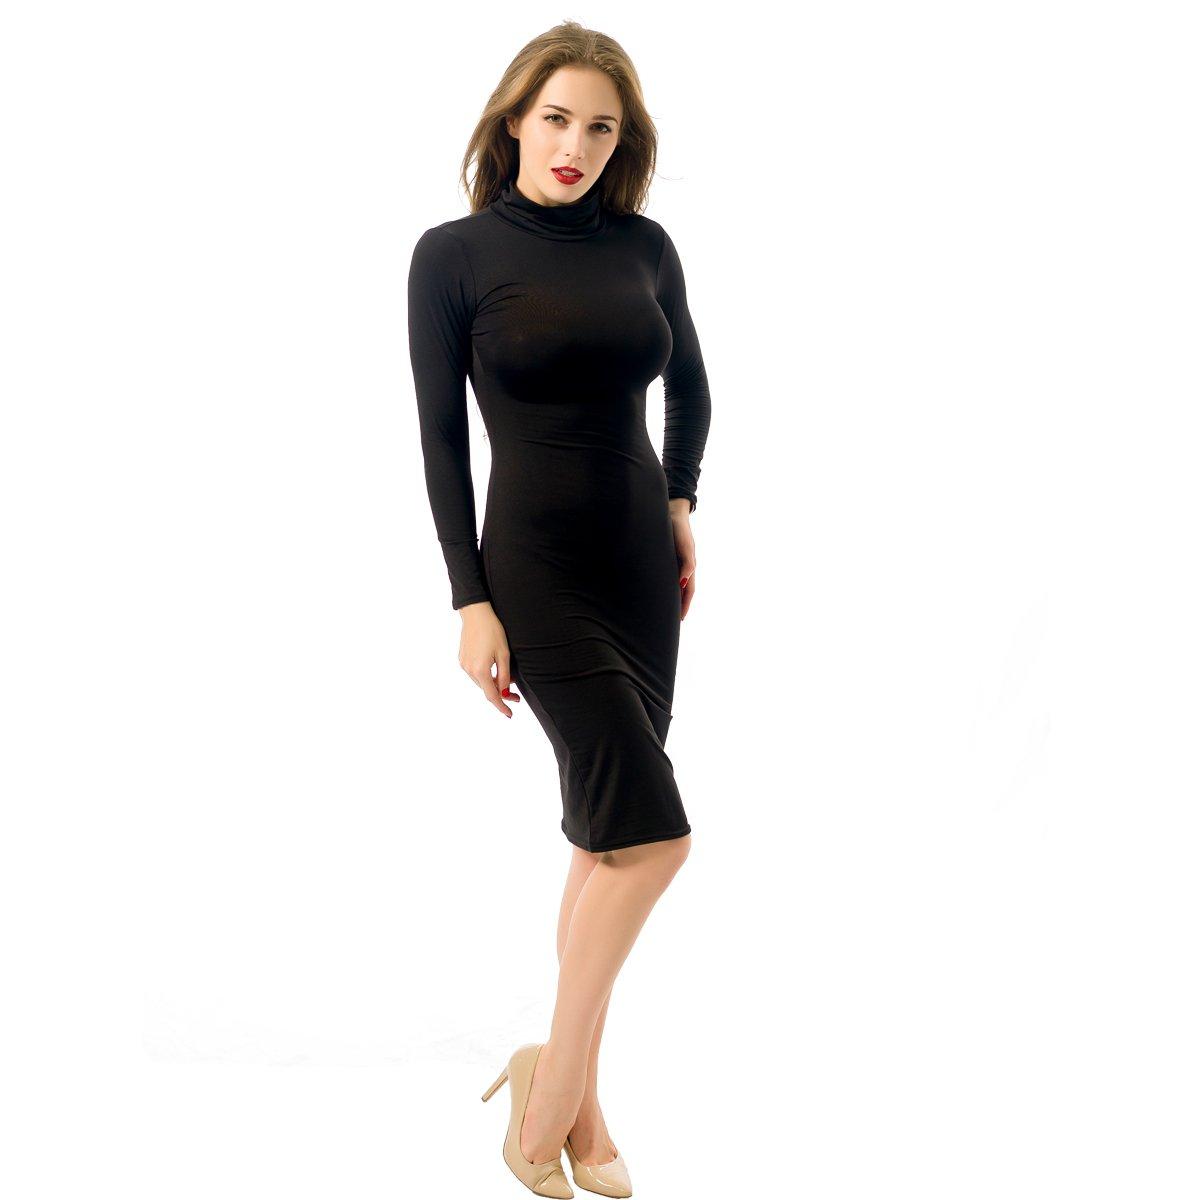 ALAIX - Atractivo Vestido de Cuerpo Entero para Mujer, Falda con Manga Larga, Cuello Alto y Largo por Debajo de Las Rodillas: Amazon.es: Ropa y accesorios